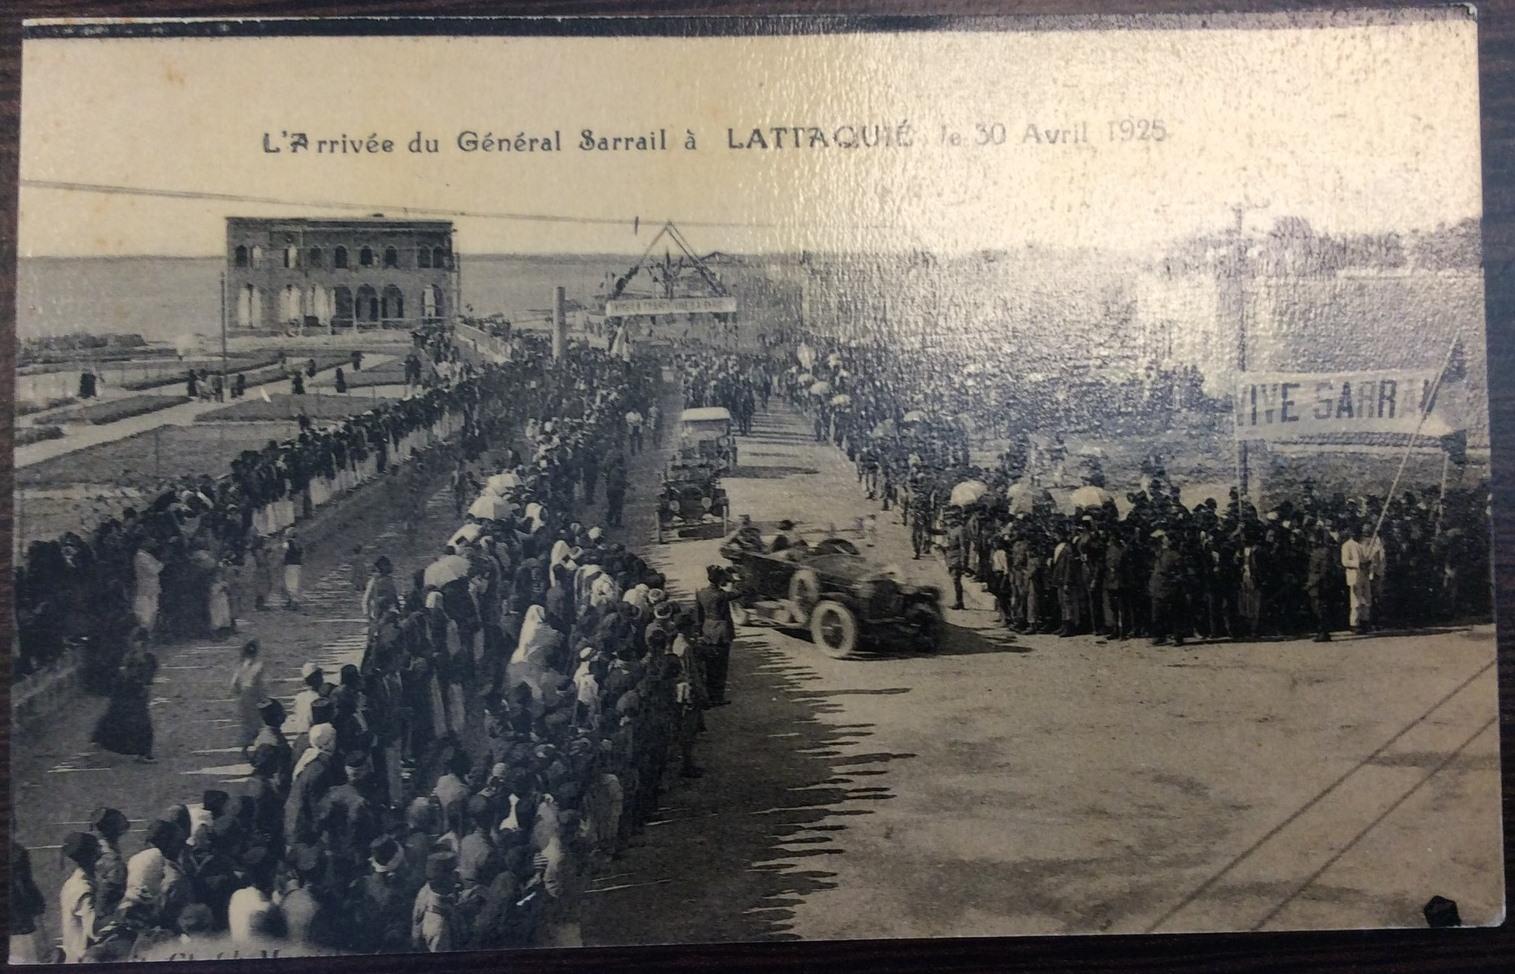 زيارة الجنرال ساراي إلى اللاذقية عام 1925